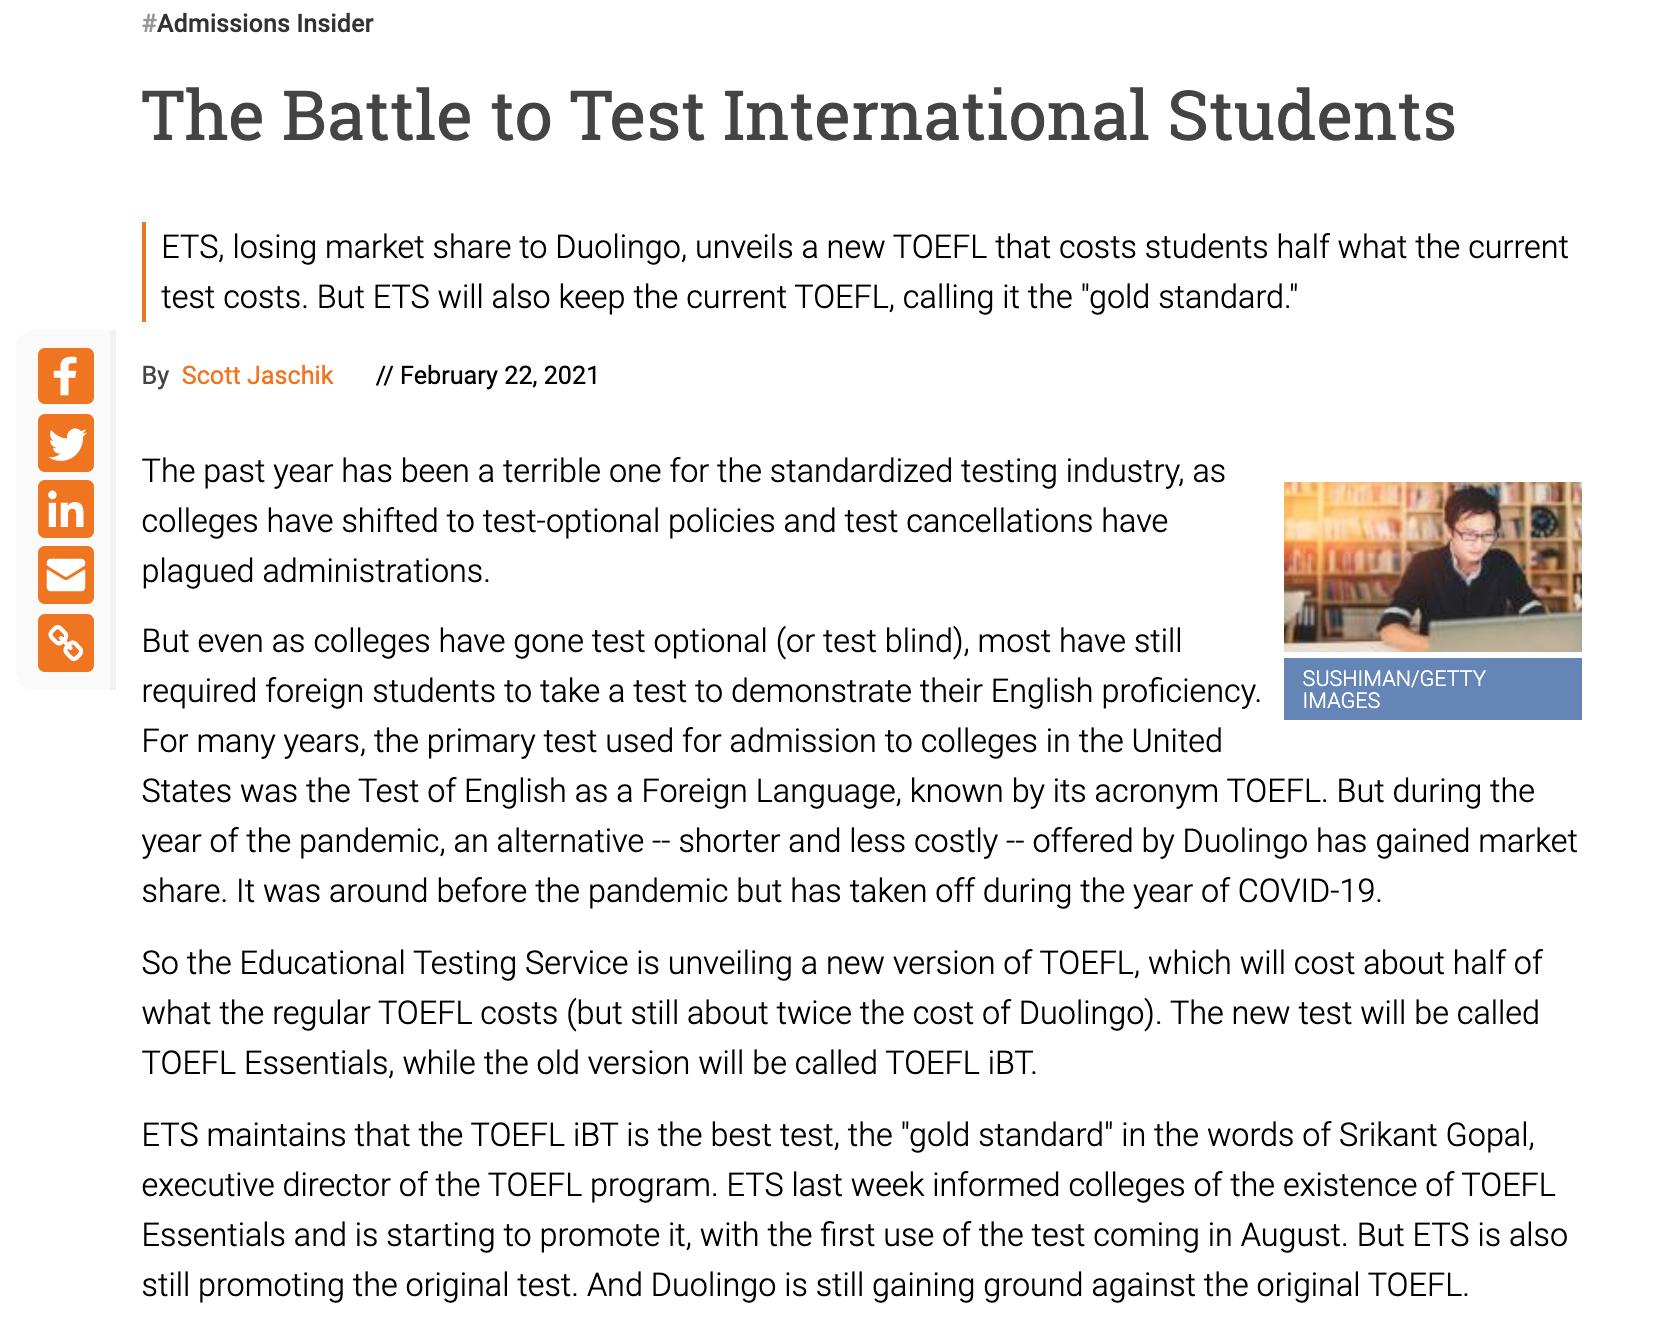 托福TOEFL Essentials考试发布!考试内容及形式/考试报名/成绩计算/接受院校等细节说明都在这!